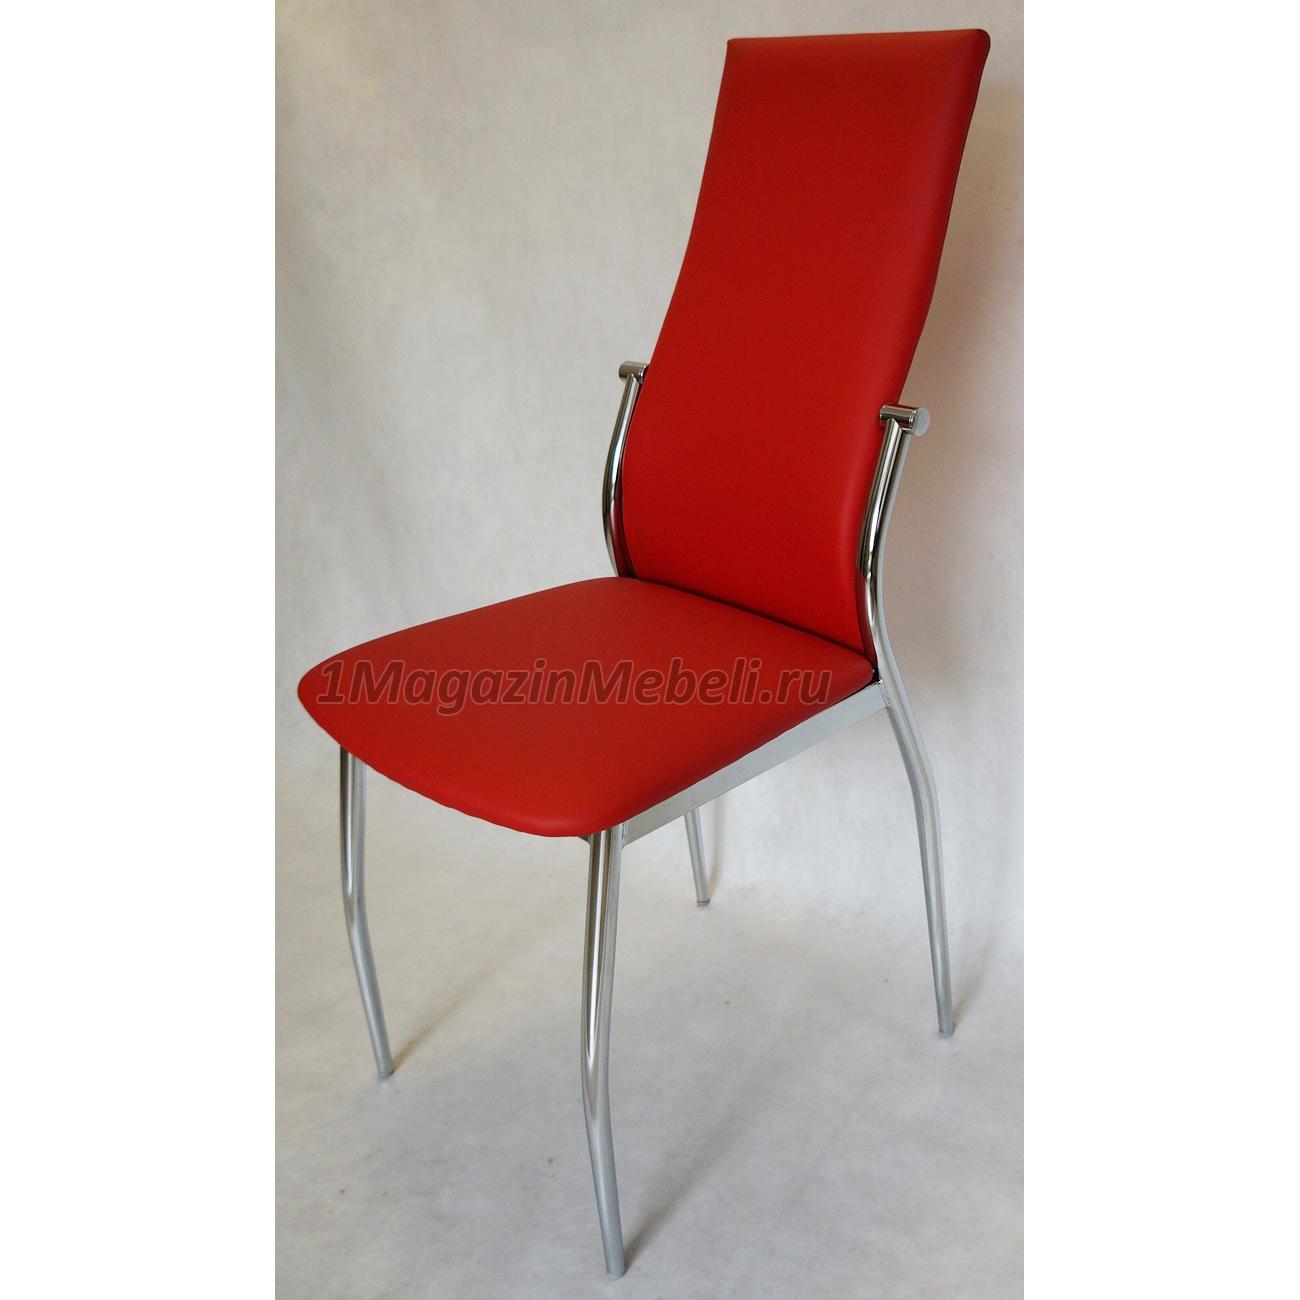 Красный стул для кухни металлический, хром, высокая спинка (арт. М3224)